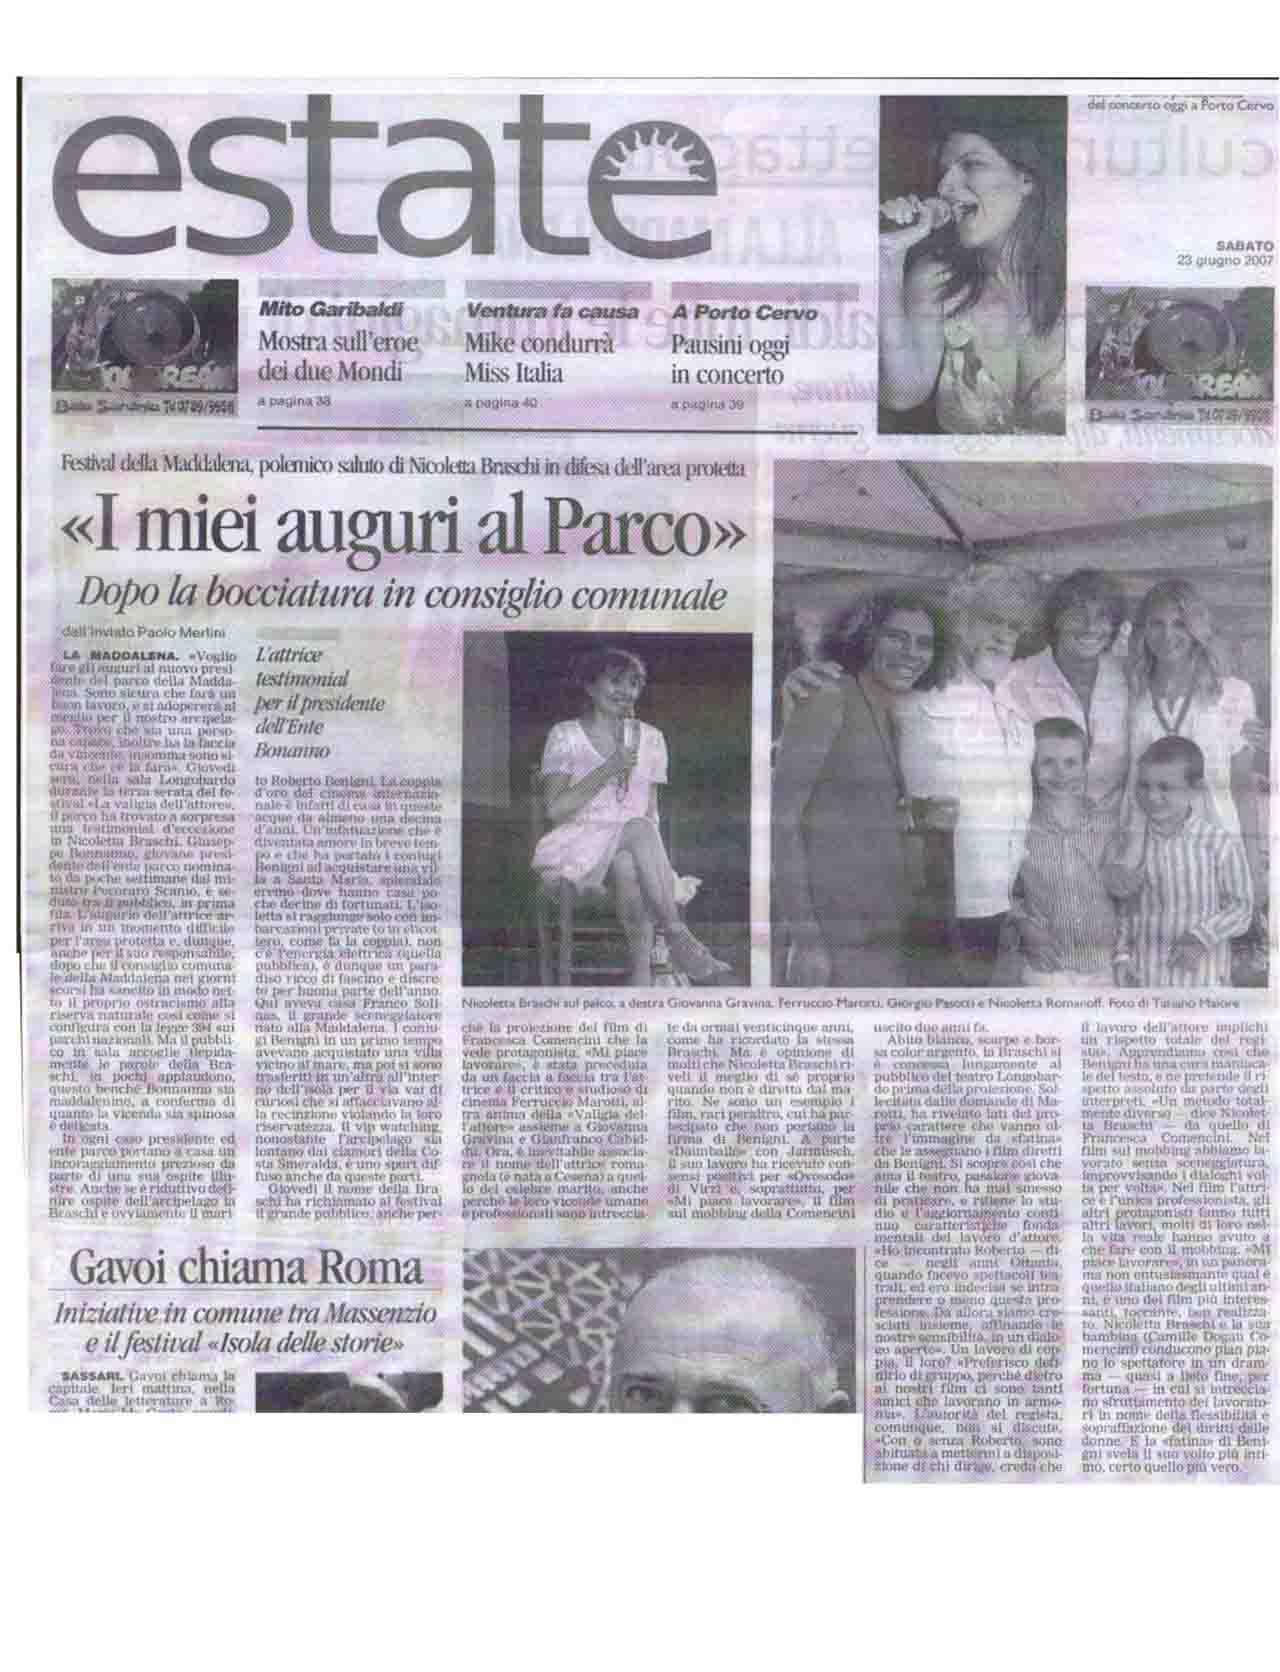 la nuova (estate prima pagina) 23 giugno 07